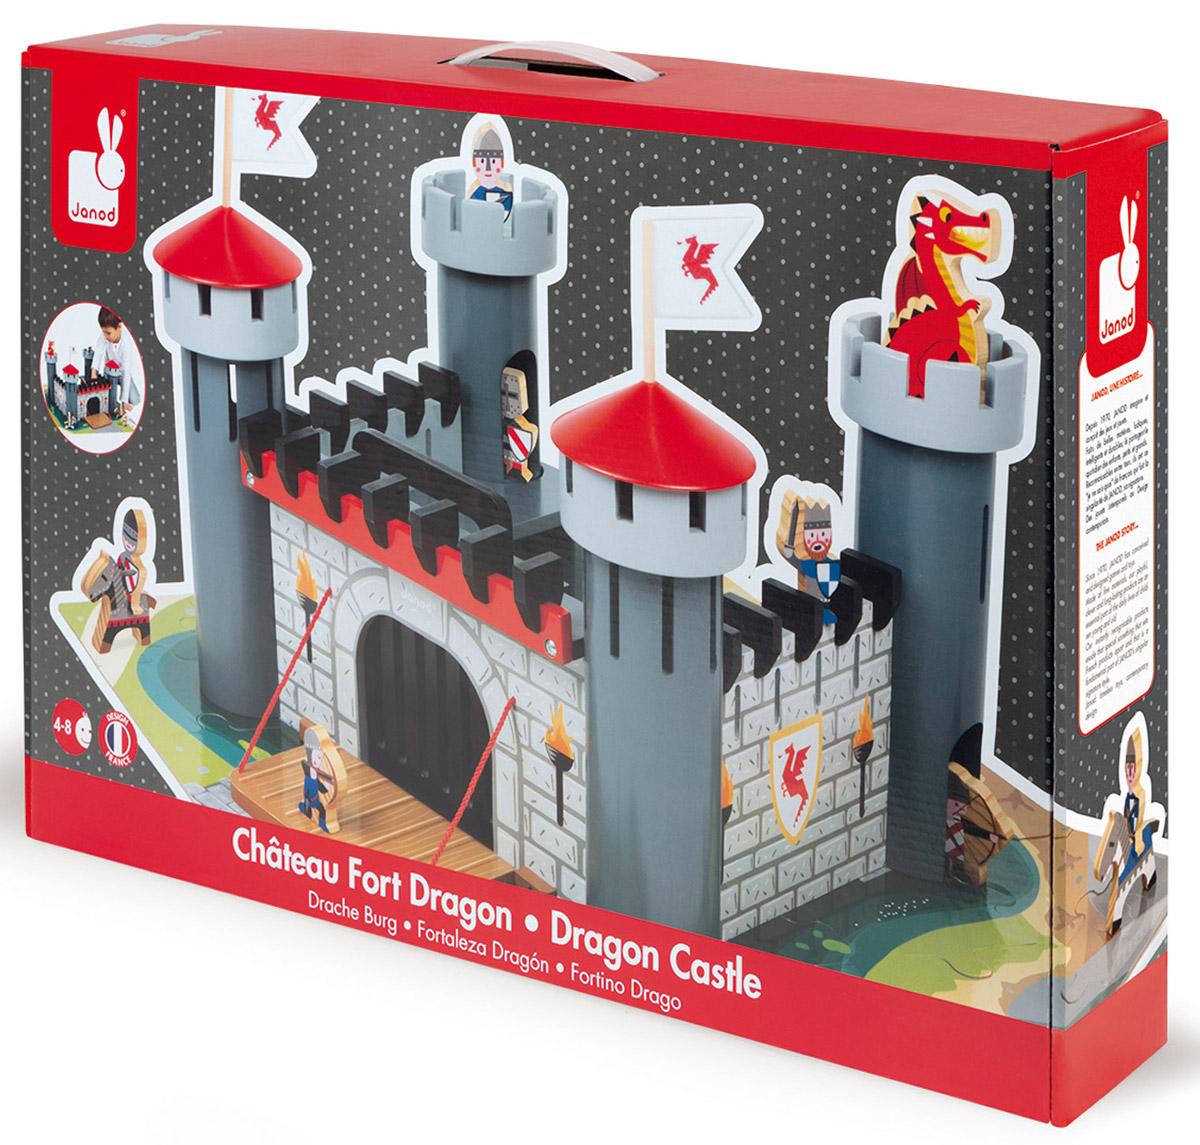 Janod Конструктор Рыцарский замокJ06484Конструктор Janod Рыцарский замок выполнен из натуральной древесины. Элементы имеют оригинальный дизайн и веселую расцветку. Маленьким героям не придется скучать! Замок с башнями и подъемным мостом, 6 фигурок-рыцарей, 2 коня и дракон окрашены красками на водной основе. Пазл-основание с нанесенным изображением местности выполнен из ламинированного картона и состоит из 30 элементов.